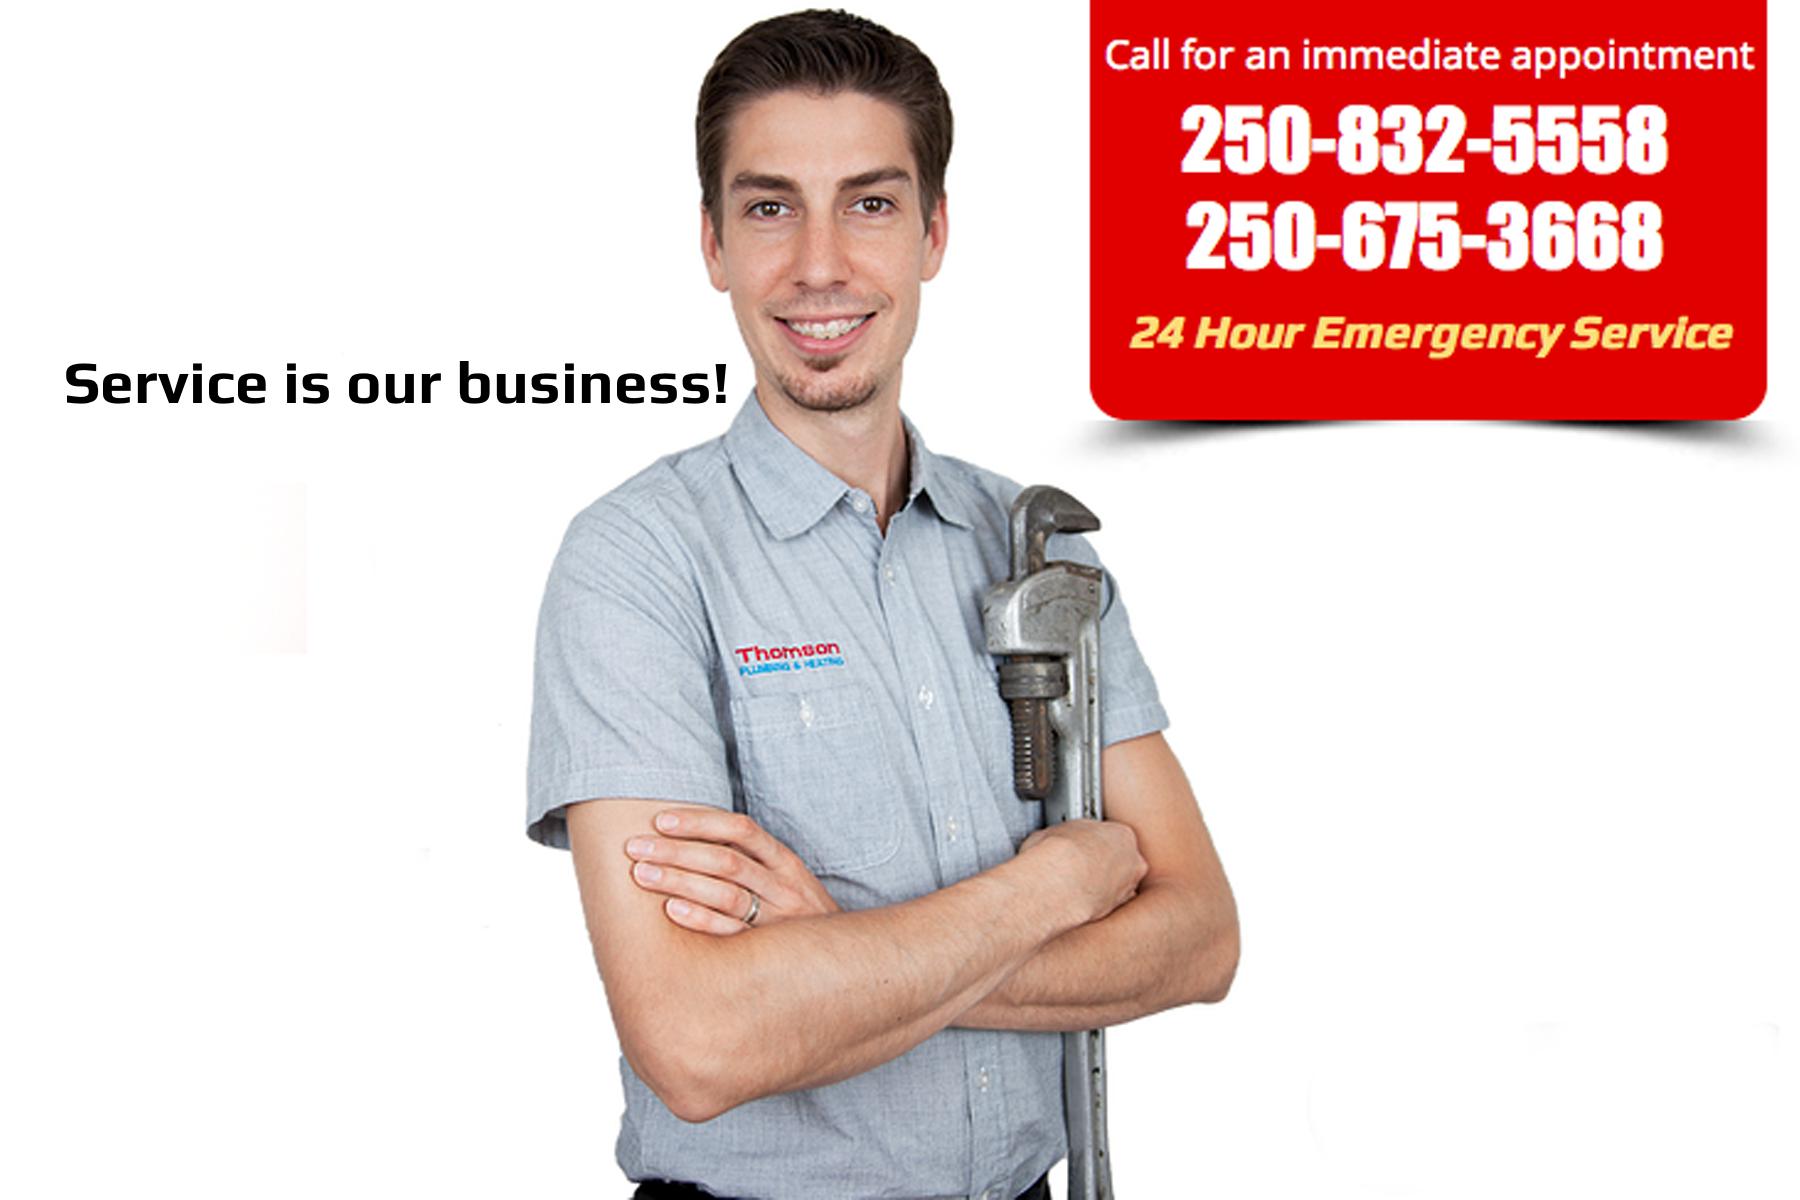 Service First Tradeworks Ltd - Plumbers & Plumbing Contractors - 2508325558